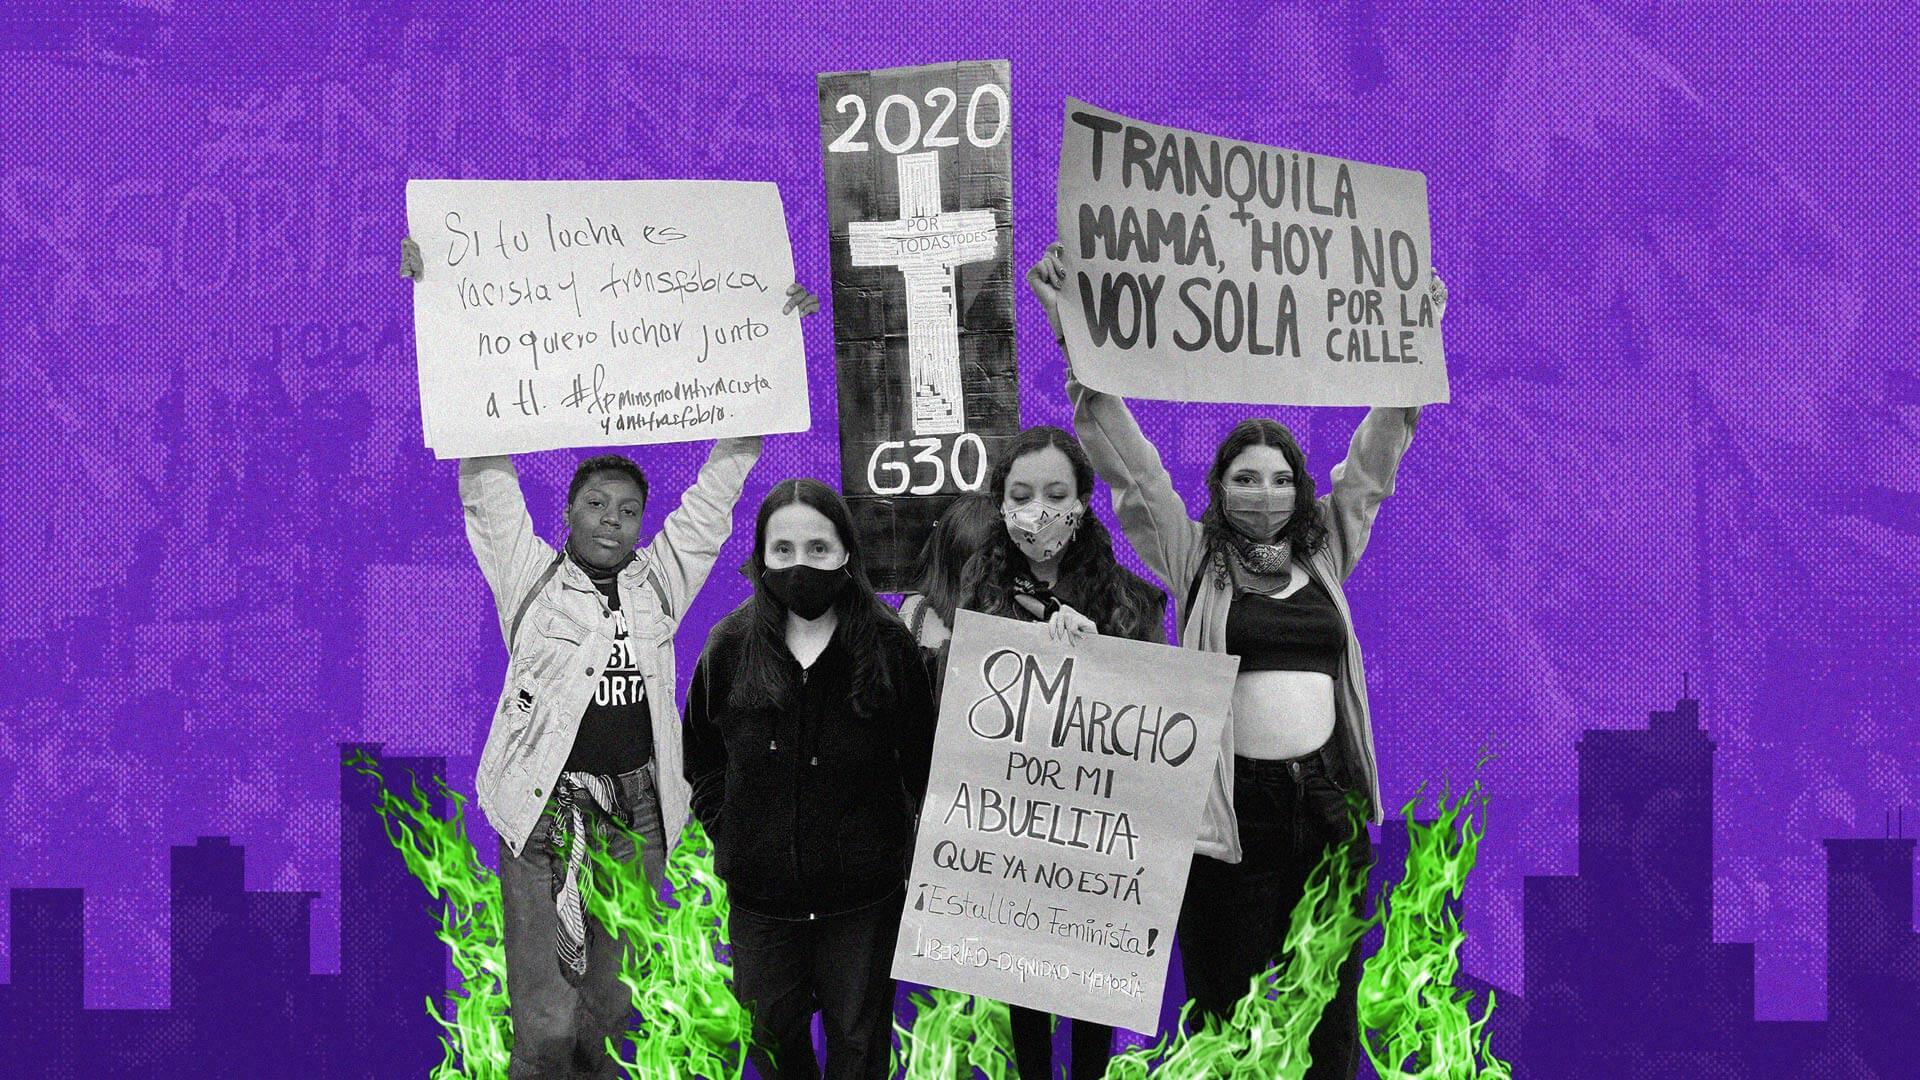 Así fue la jornada de movilización del #8M2021 en Bogotá